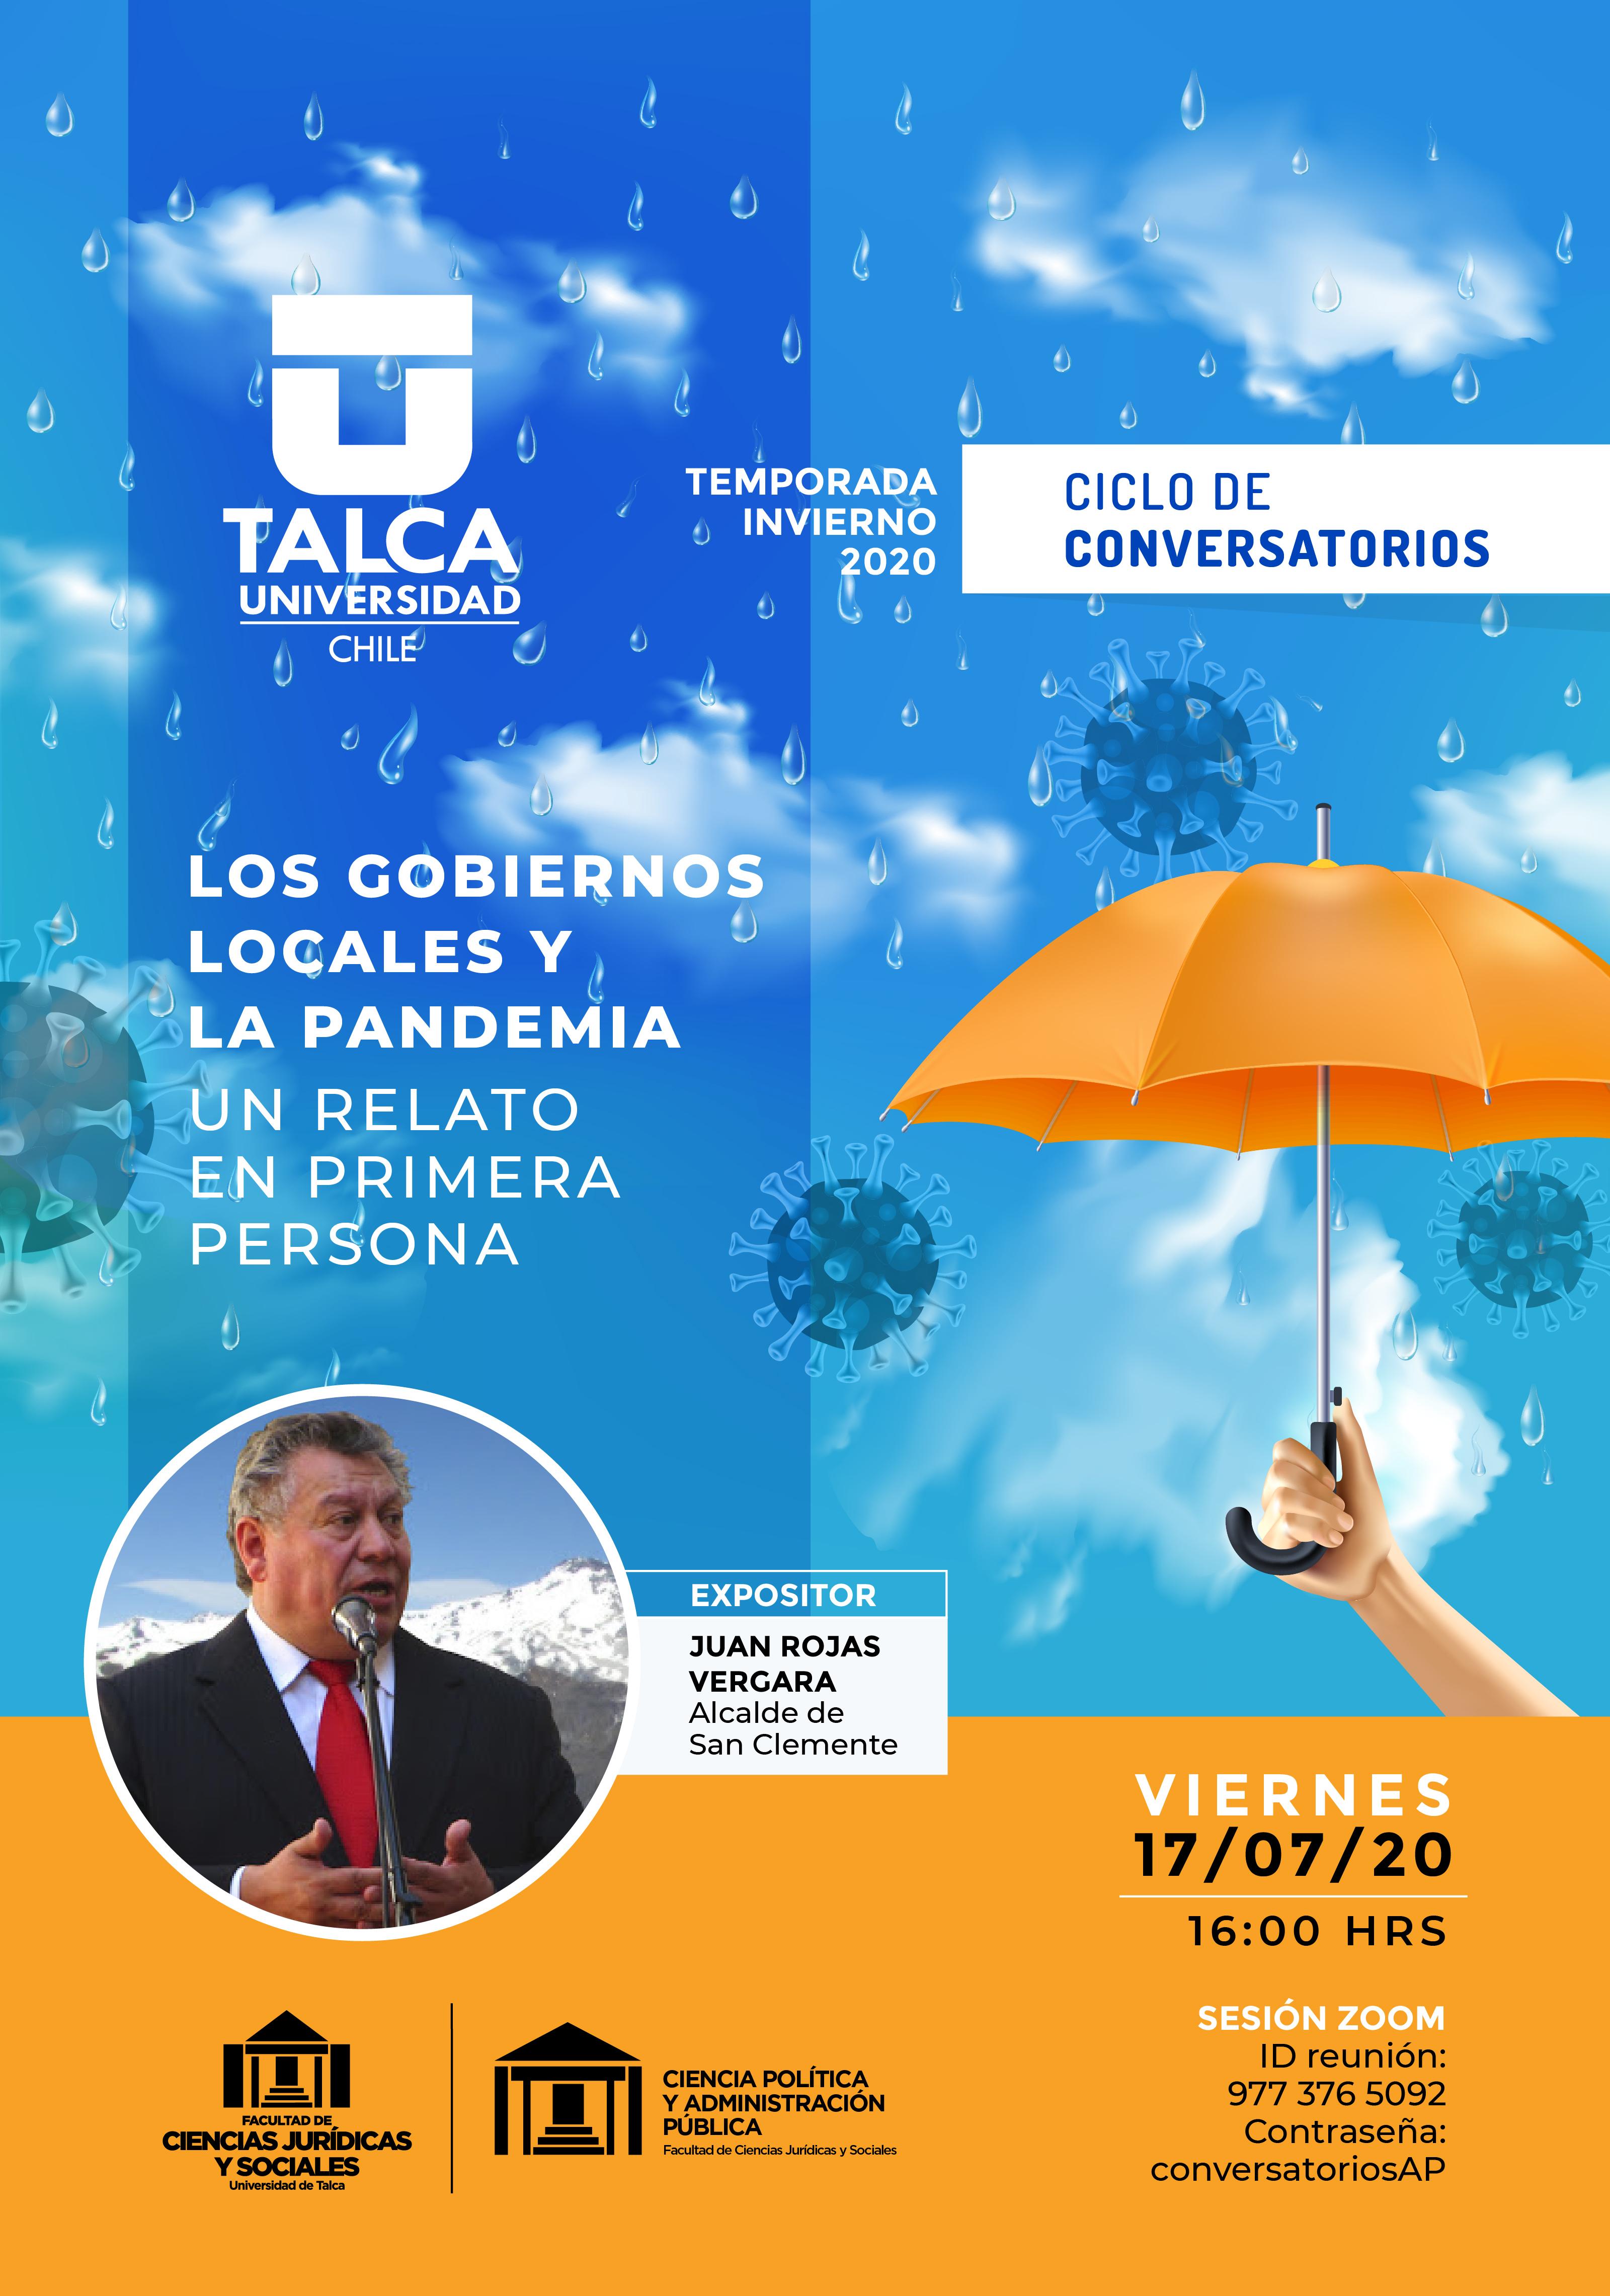 Alcalde Juan Rojas Vergara abre ciclo de conversatorios sobre la pandemia organizado por la universidad de Talca